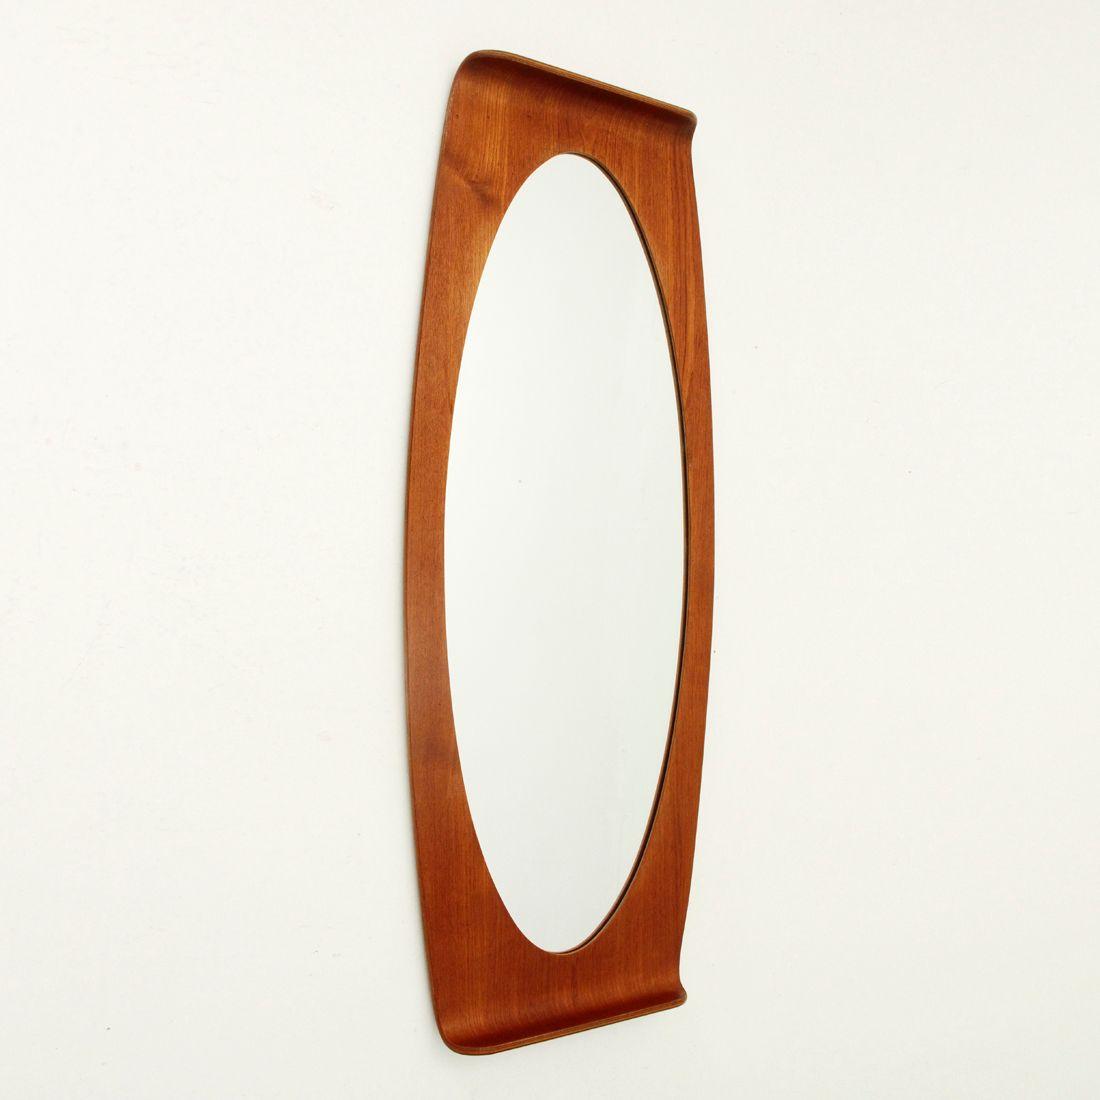 vintage spiegel mit geschwungenem rahmen von carlo graffi f r home bei pamono kaufen. Black Bedroom Furniture Sets. Home Design Ideas